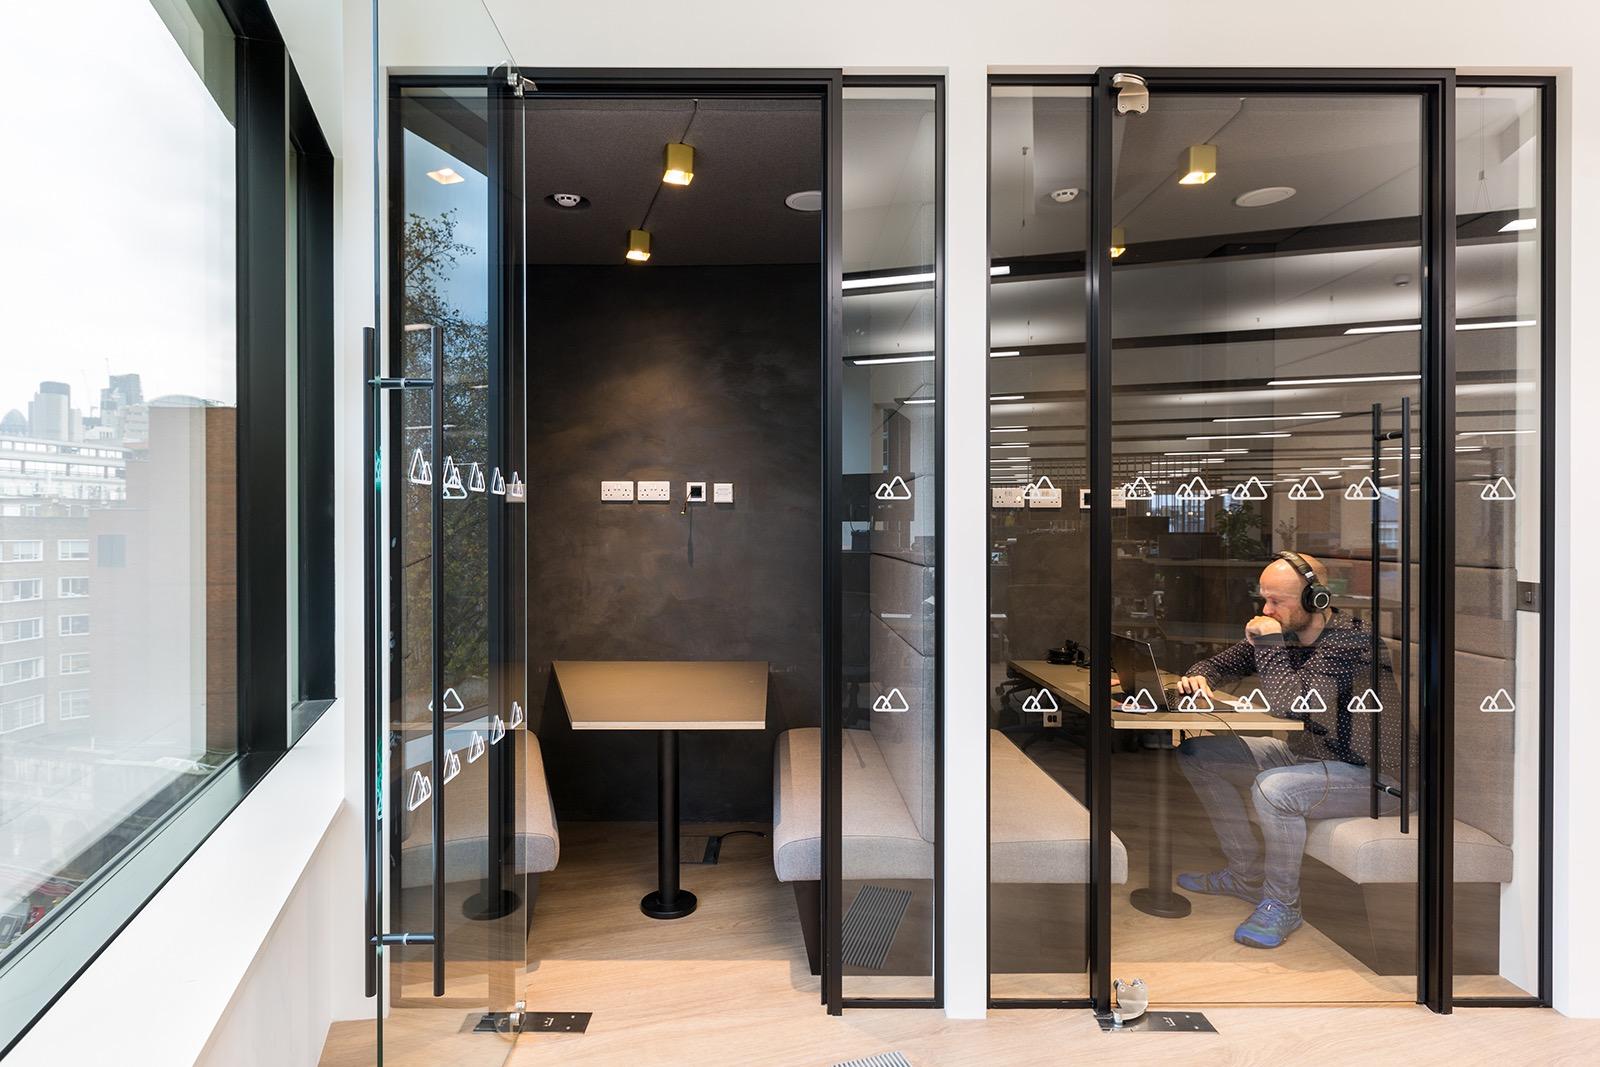 peakon-london-office-9